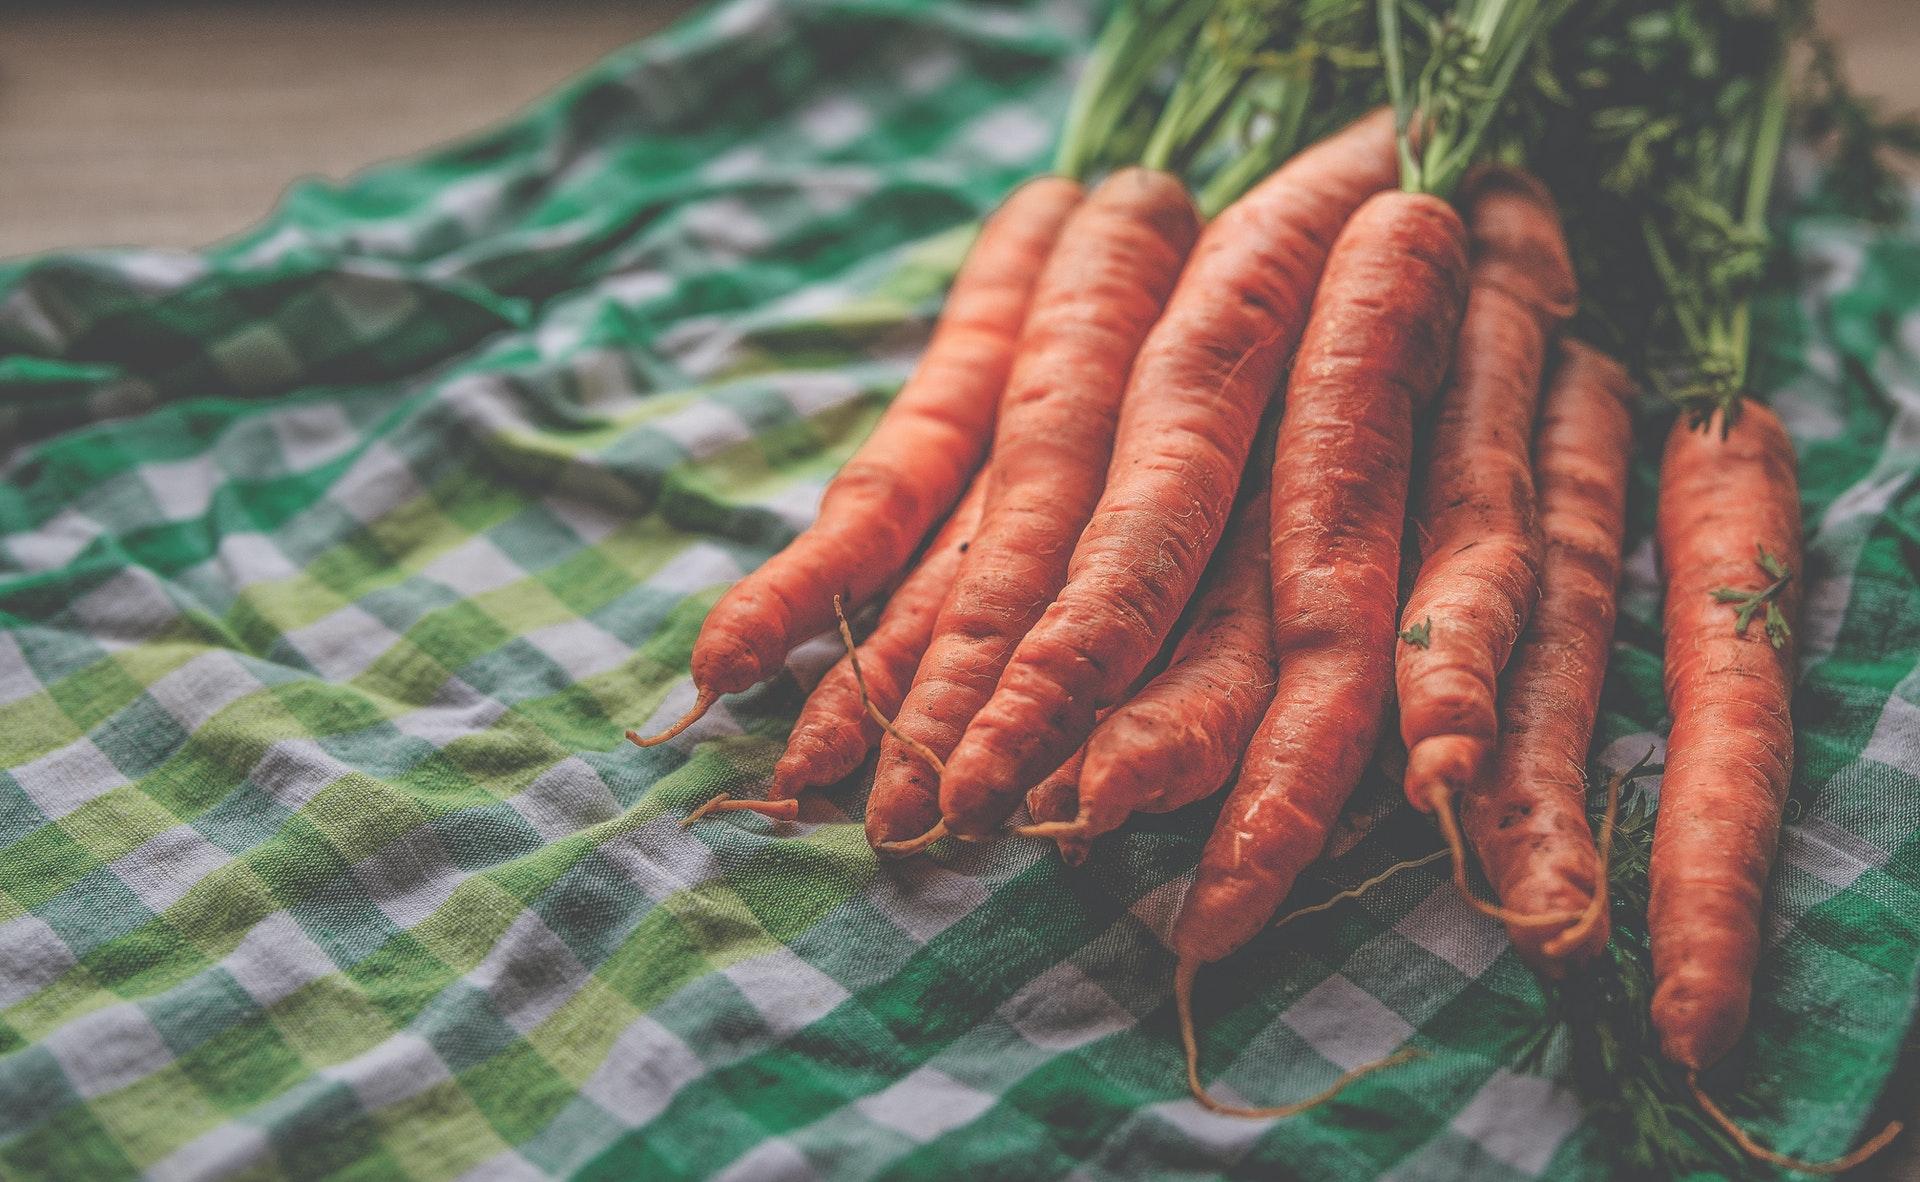 comment faire pousser des carottes